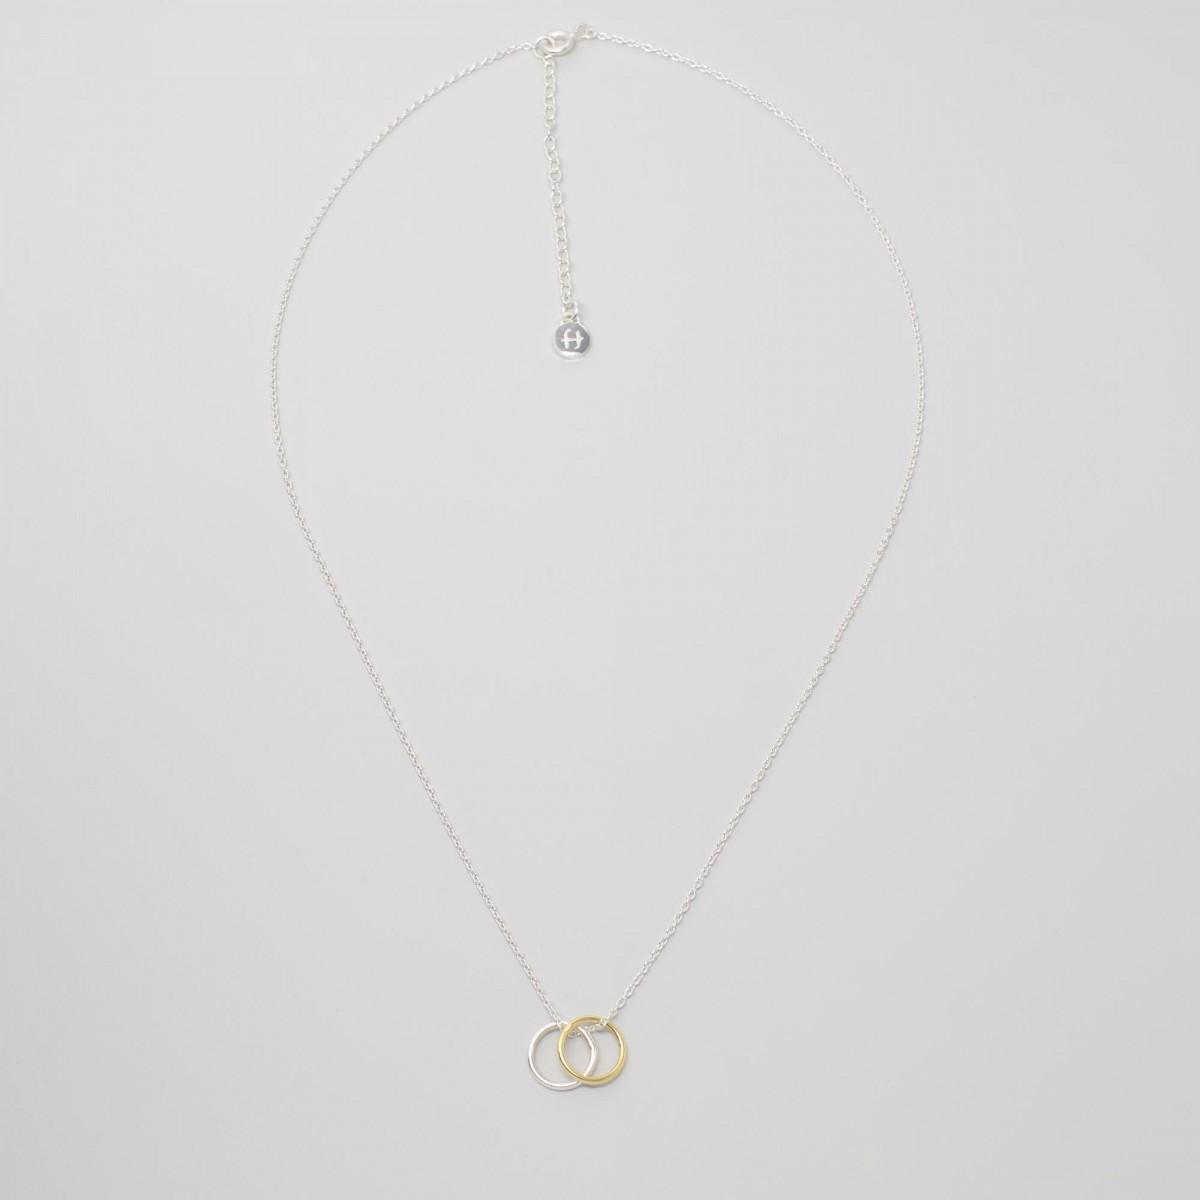 fejn jewelry - Kette 'bicolor circle'